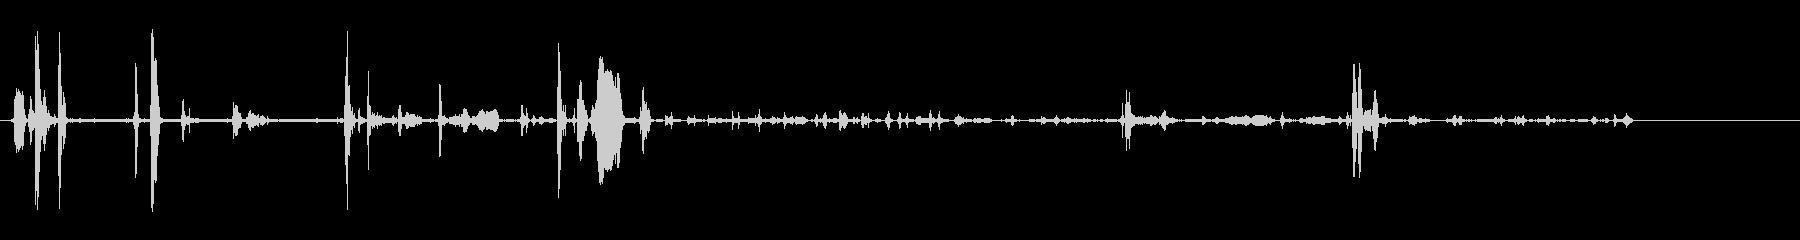 ライオンカブス、2;小さなうなり声...の未再生の波形